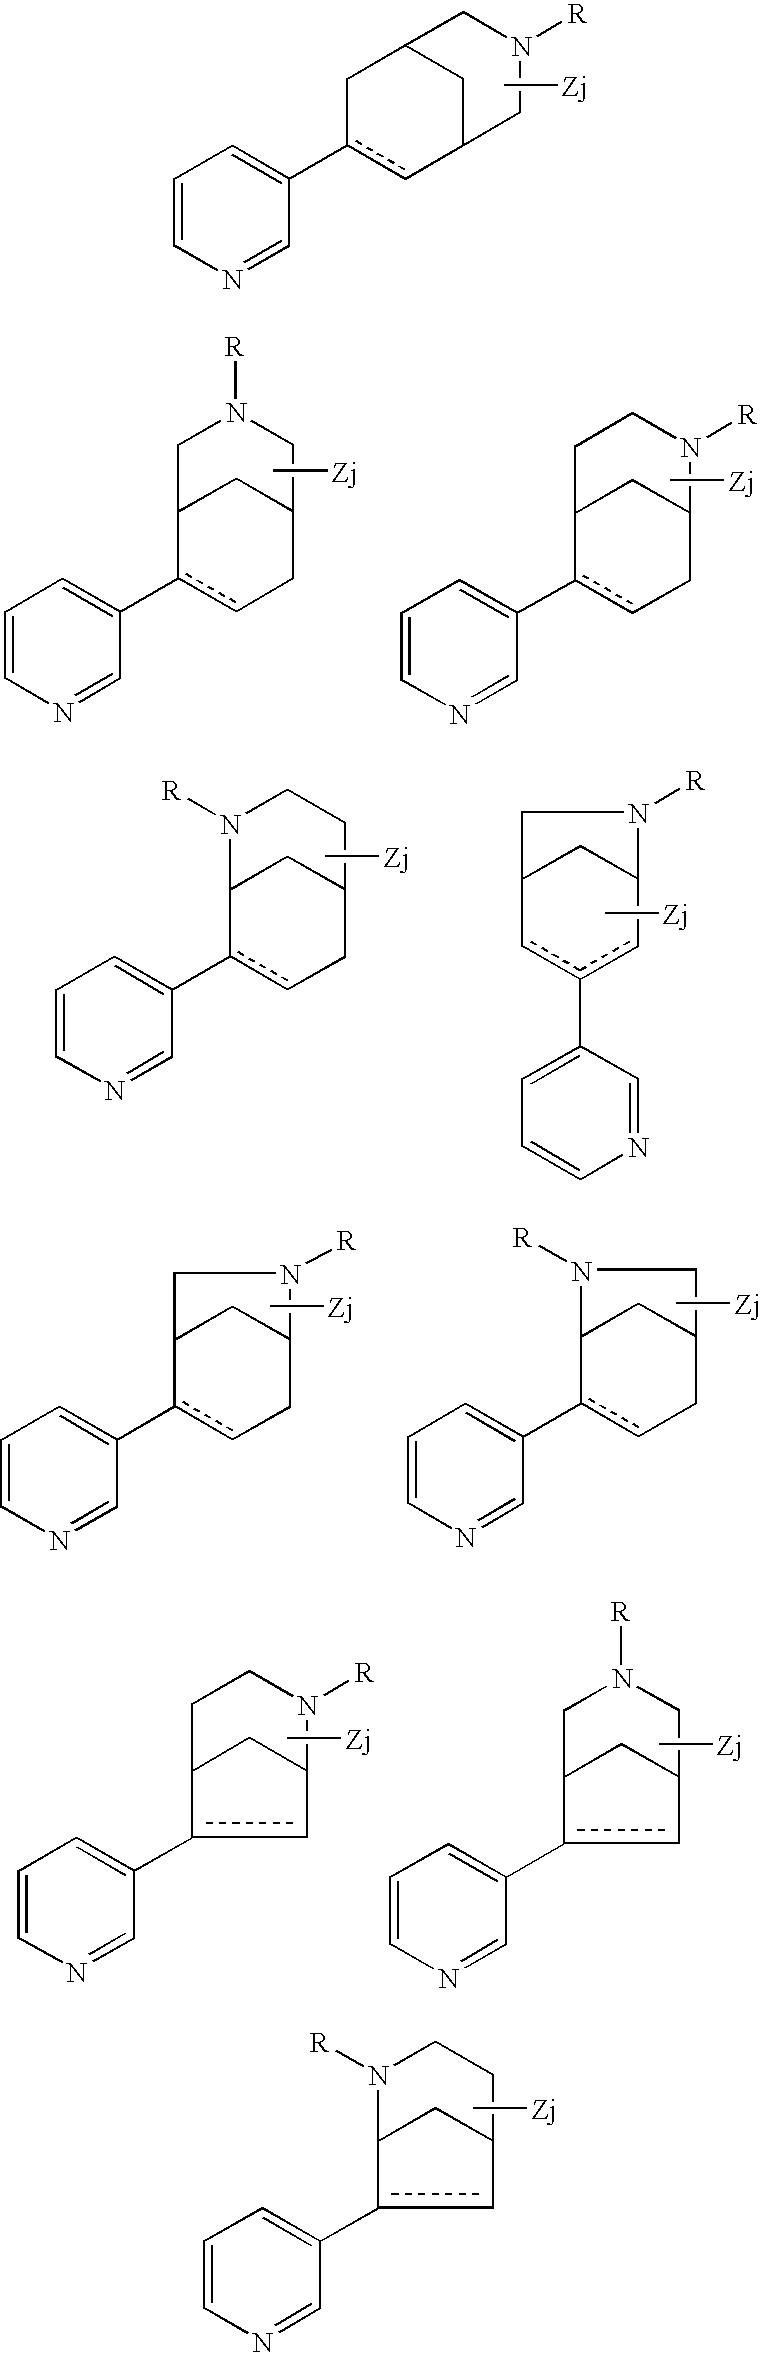 Figure US20050282823A1-20051222-C00017